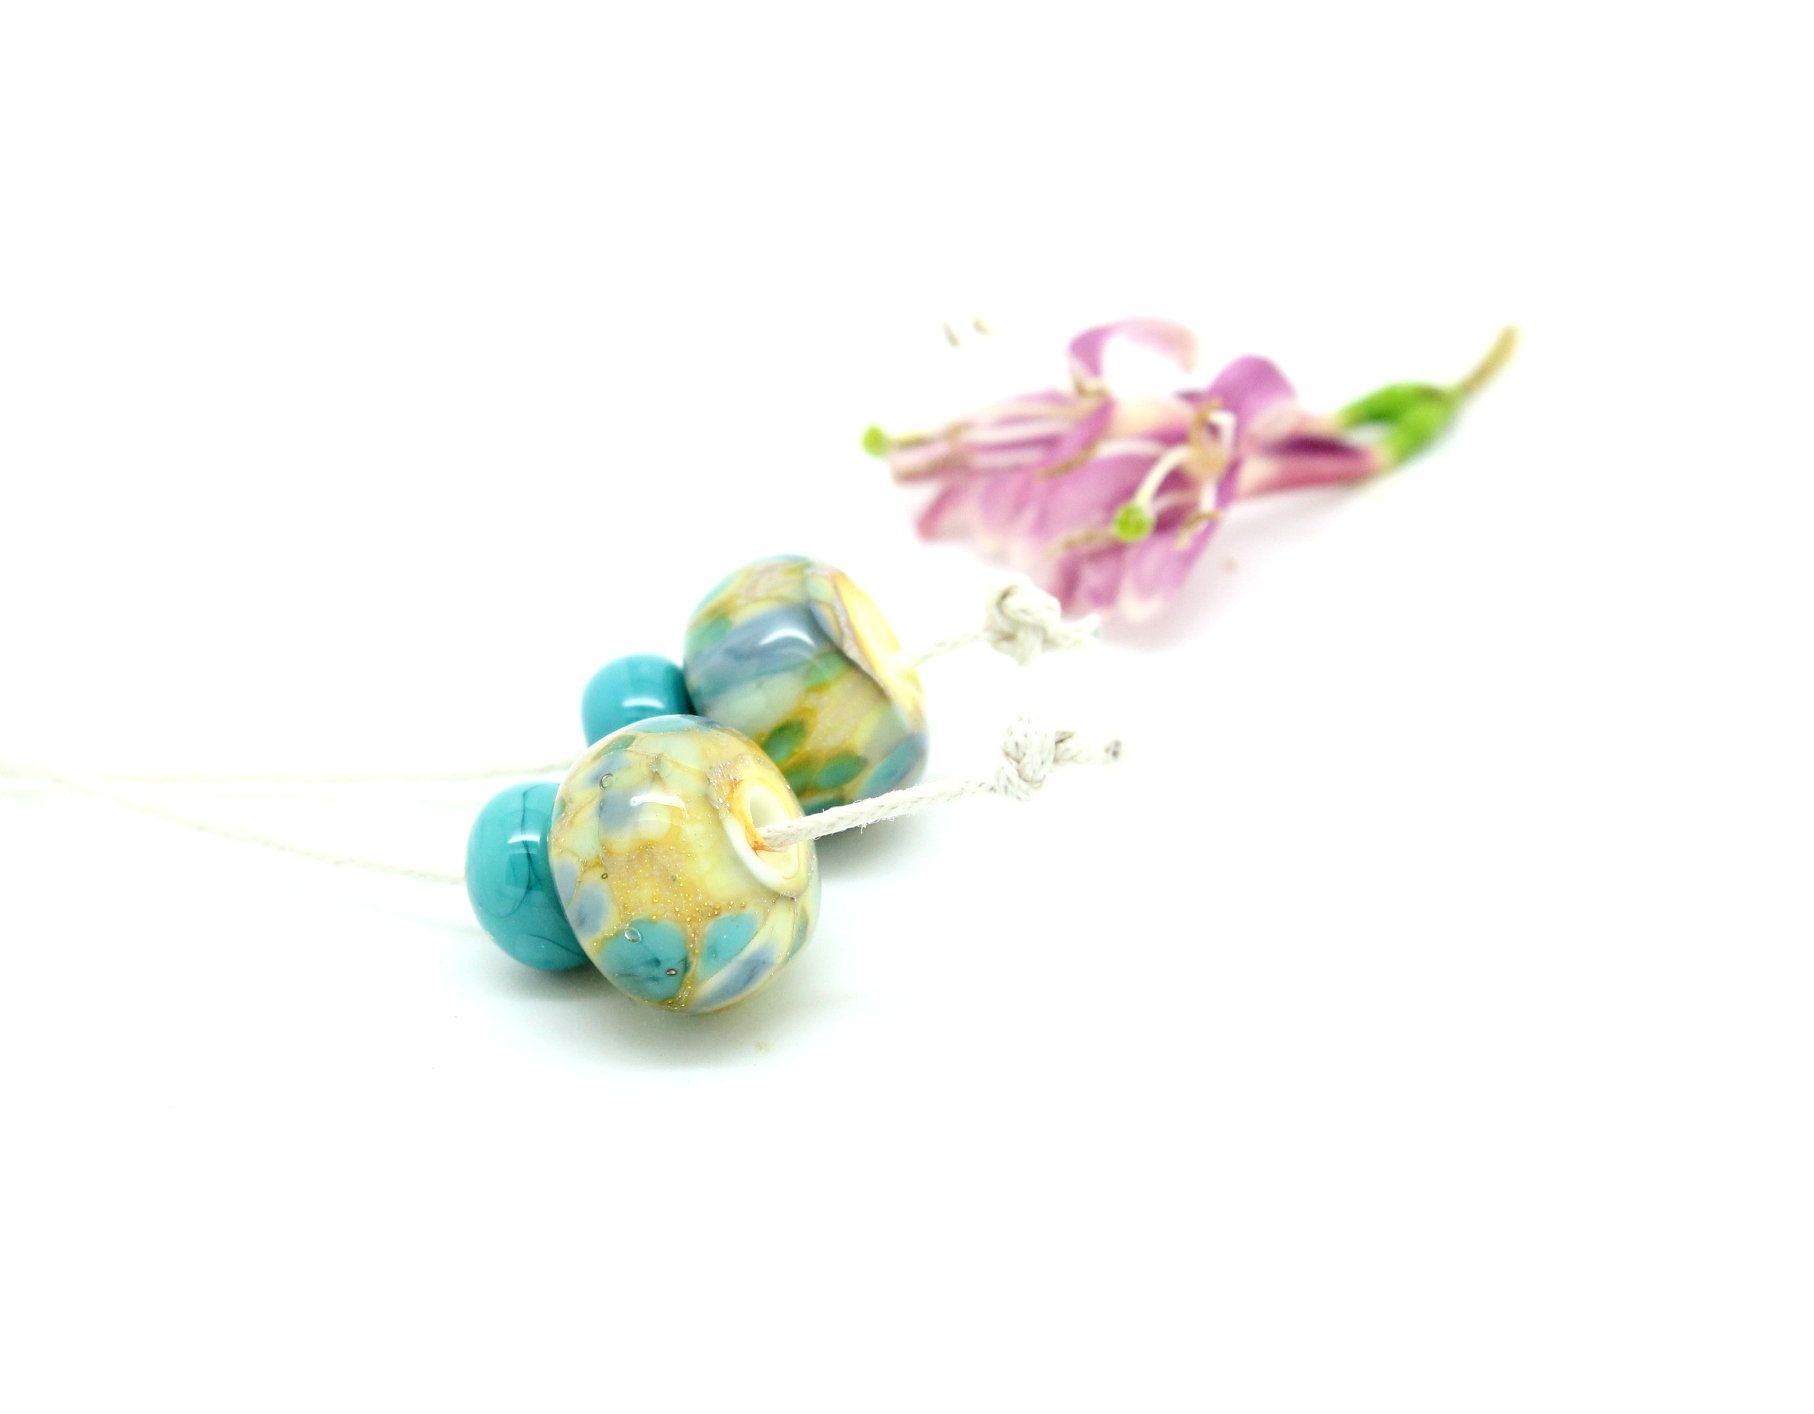 Blue Flower Gardens Lentils SRA Handmade Glass Lampwork Lentil  Beads